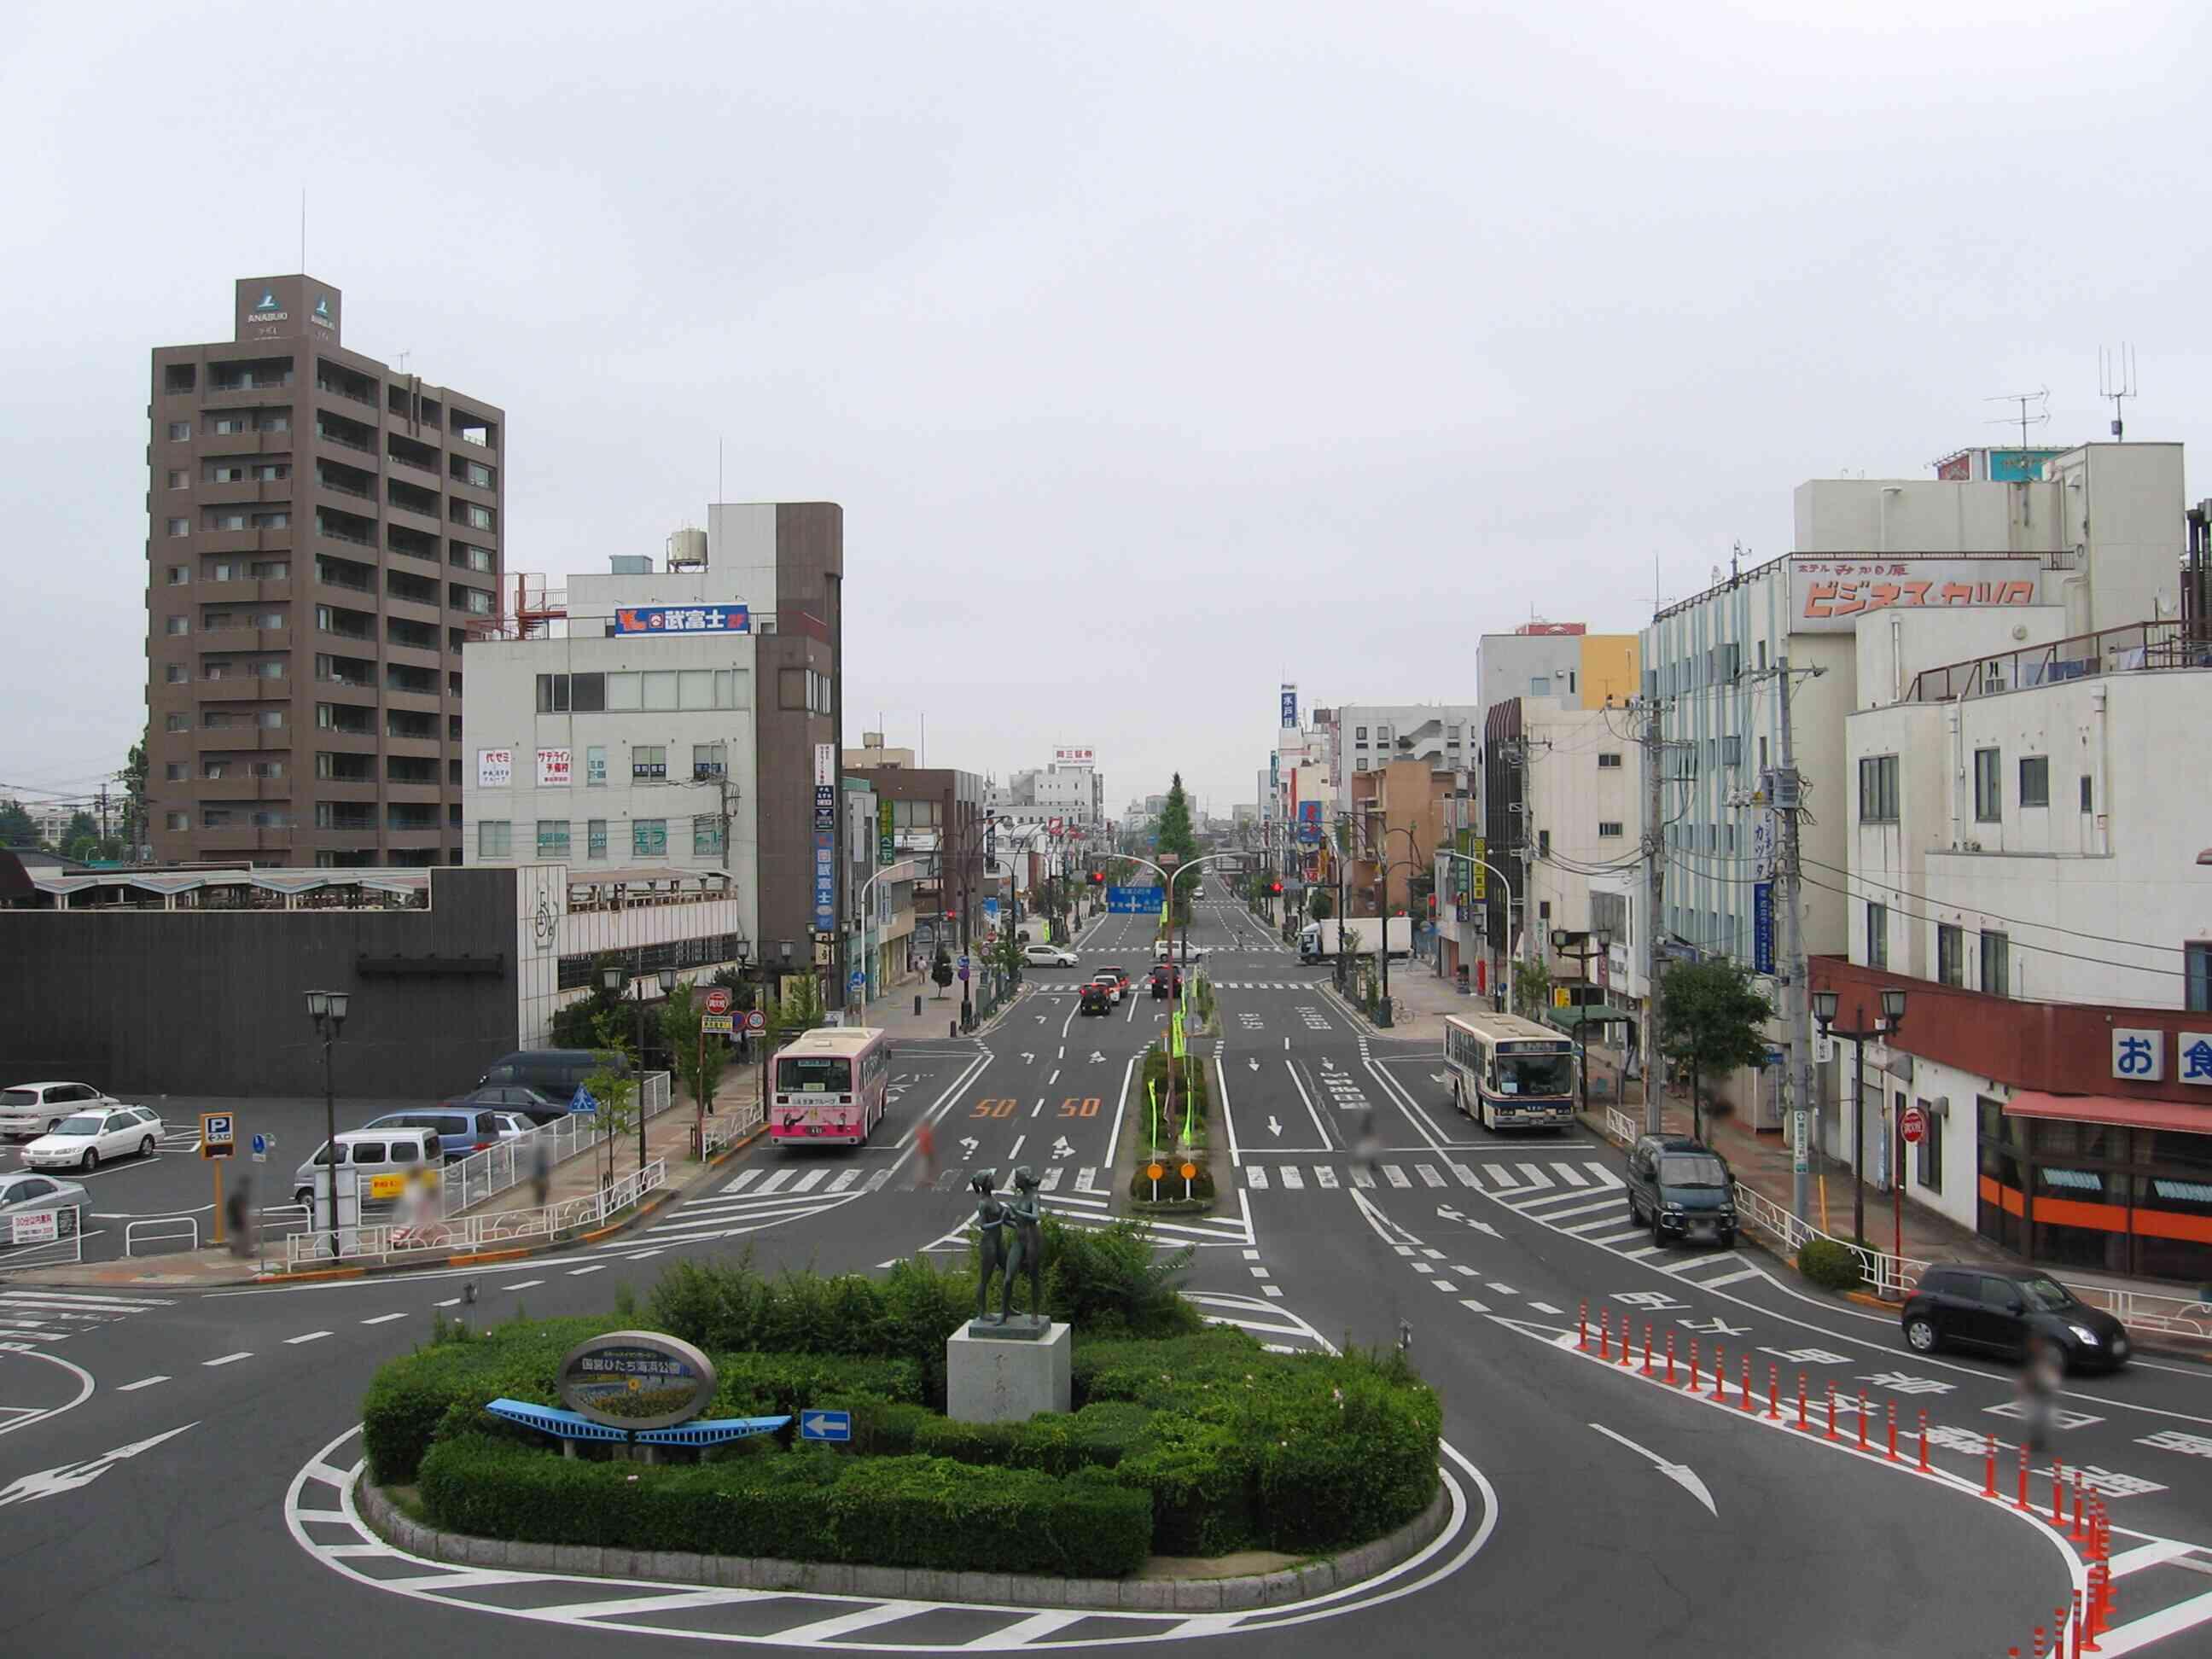 茨城県ひたちなか市の中心街 勝田駅周辺の紹介(写真45枚)